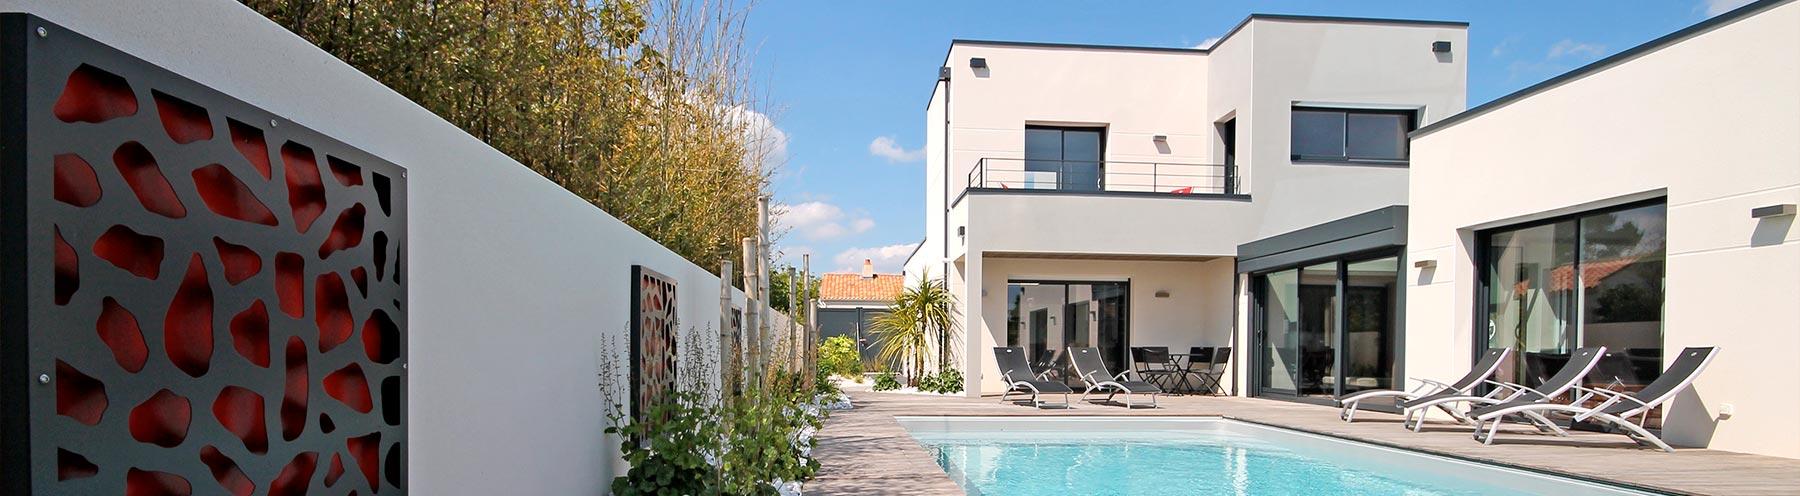 Prestige constructeur maisons haut de gamme groupe satov for Maison haut de gamme